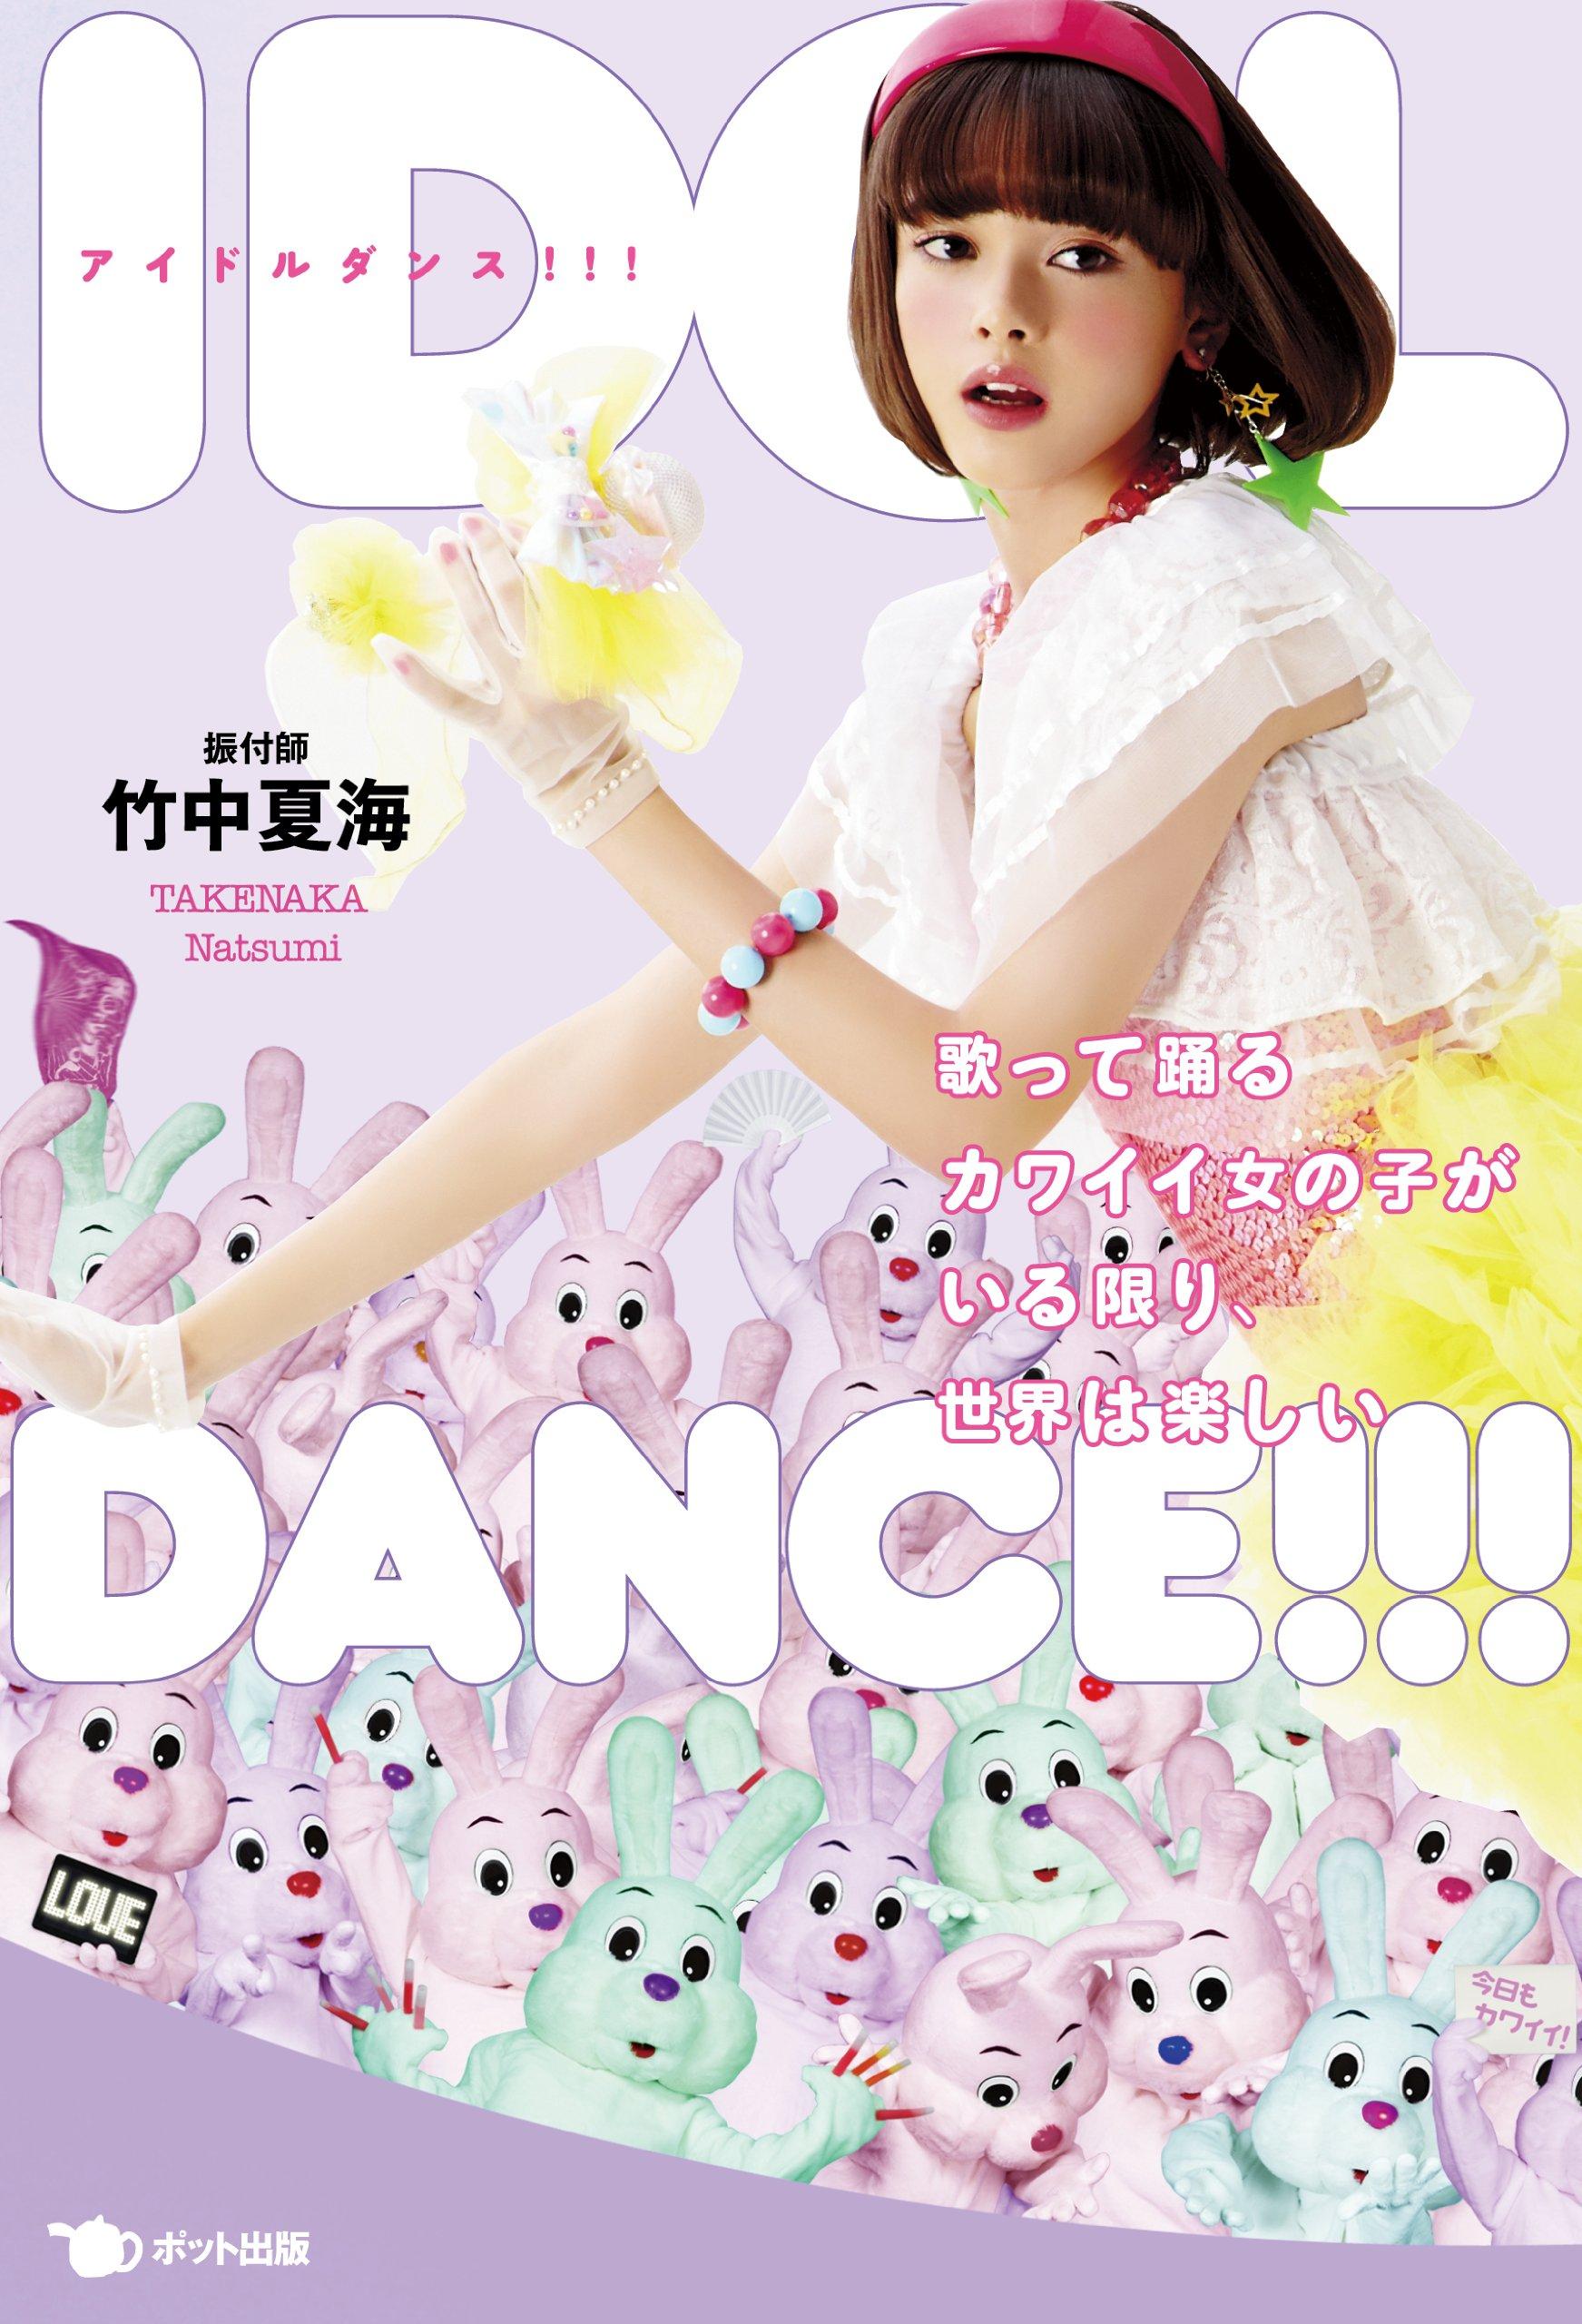 玉城ティナちゃんが表紙のIDOL DANCE!!!